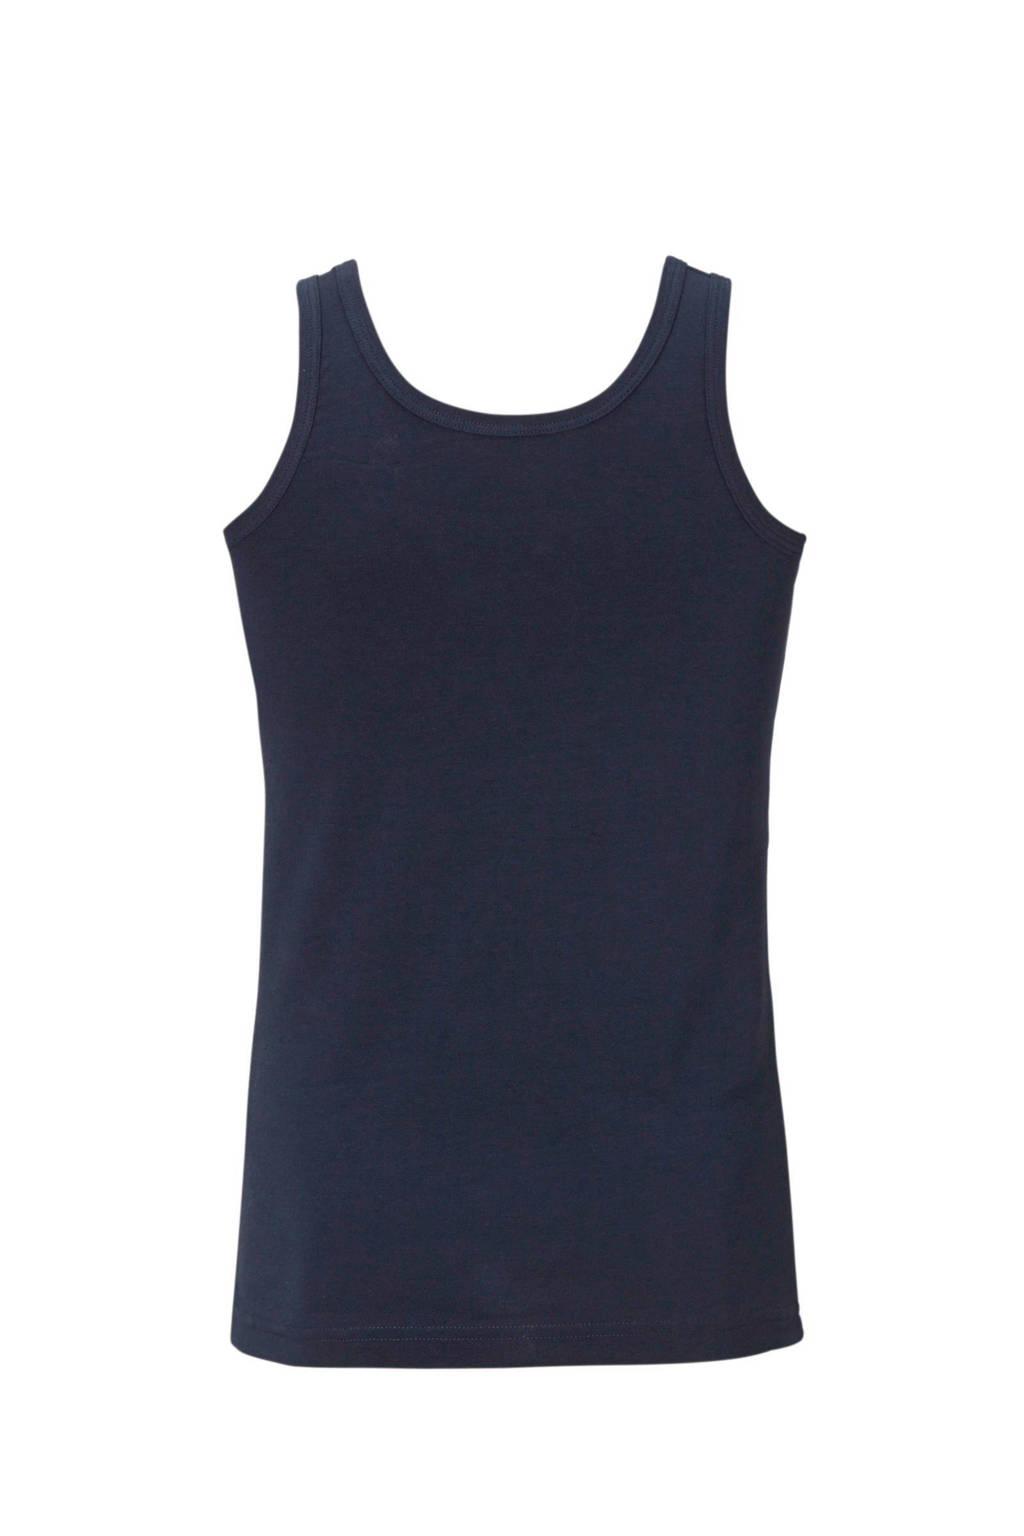 whkmp's own hemd (set van 2), Navy